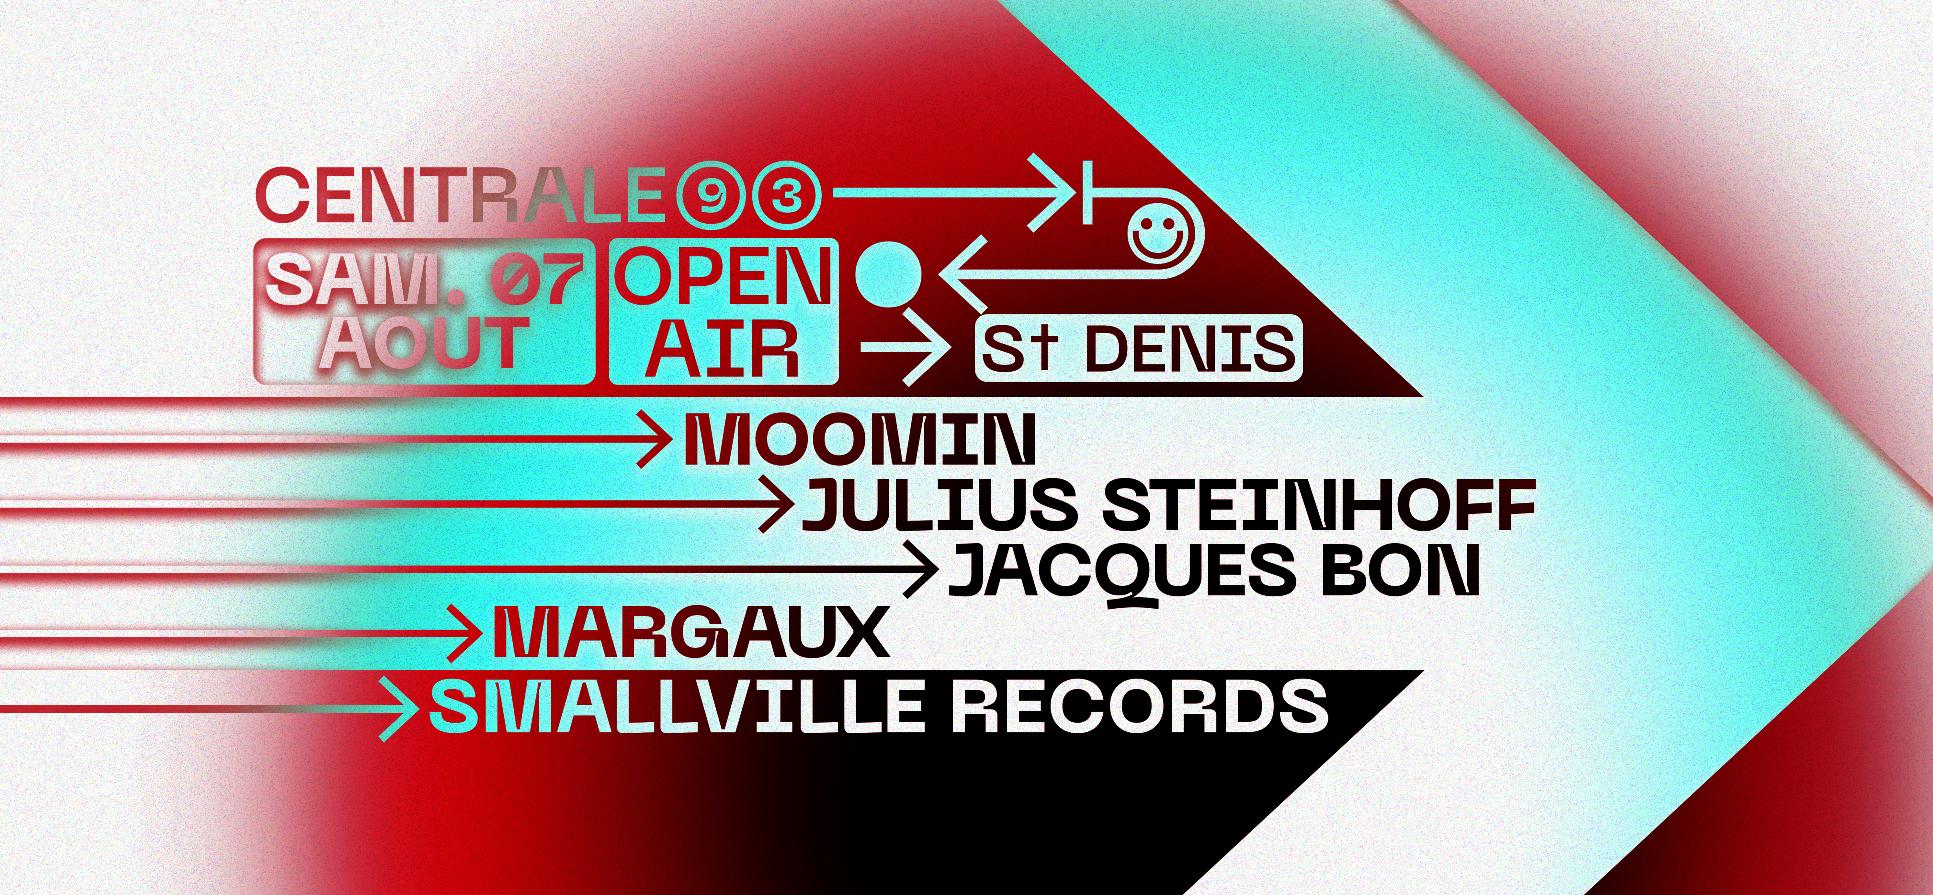 Centrale93 x Smallville Records: Moomin, Julius Steinhoff & more